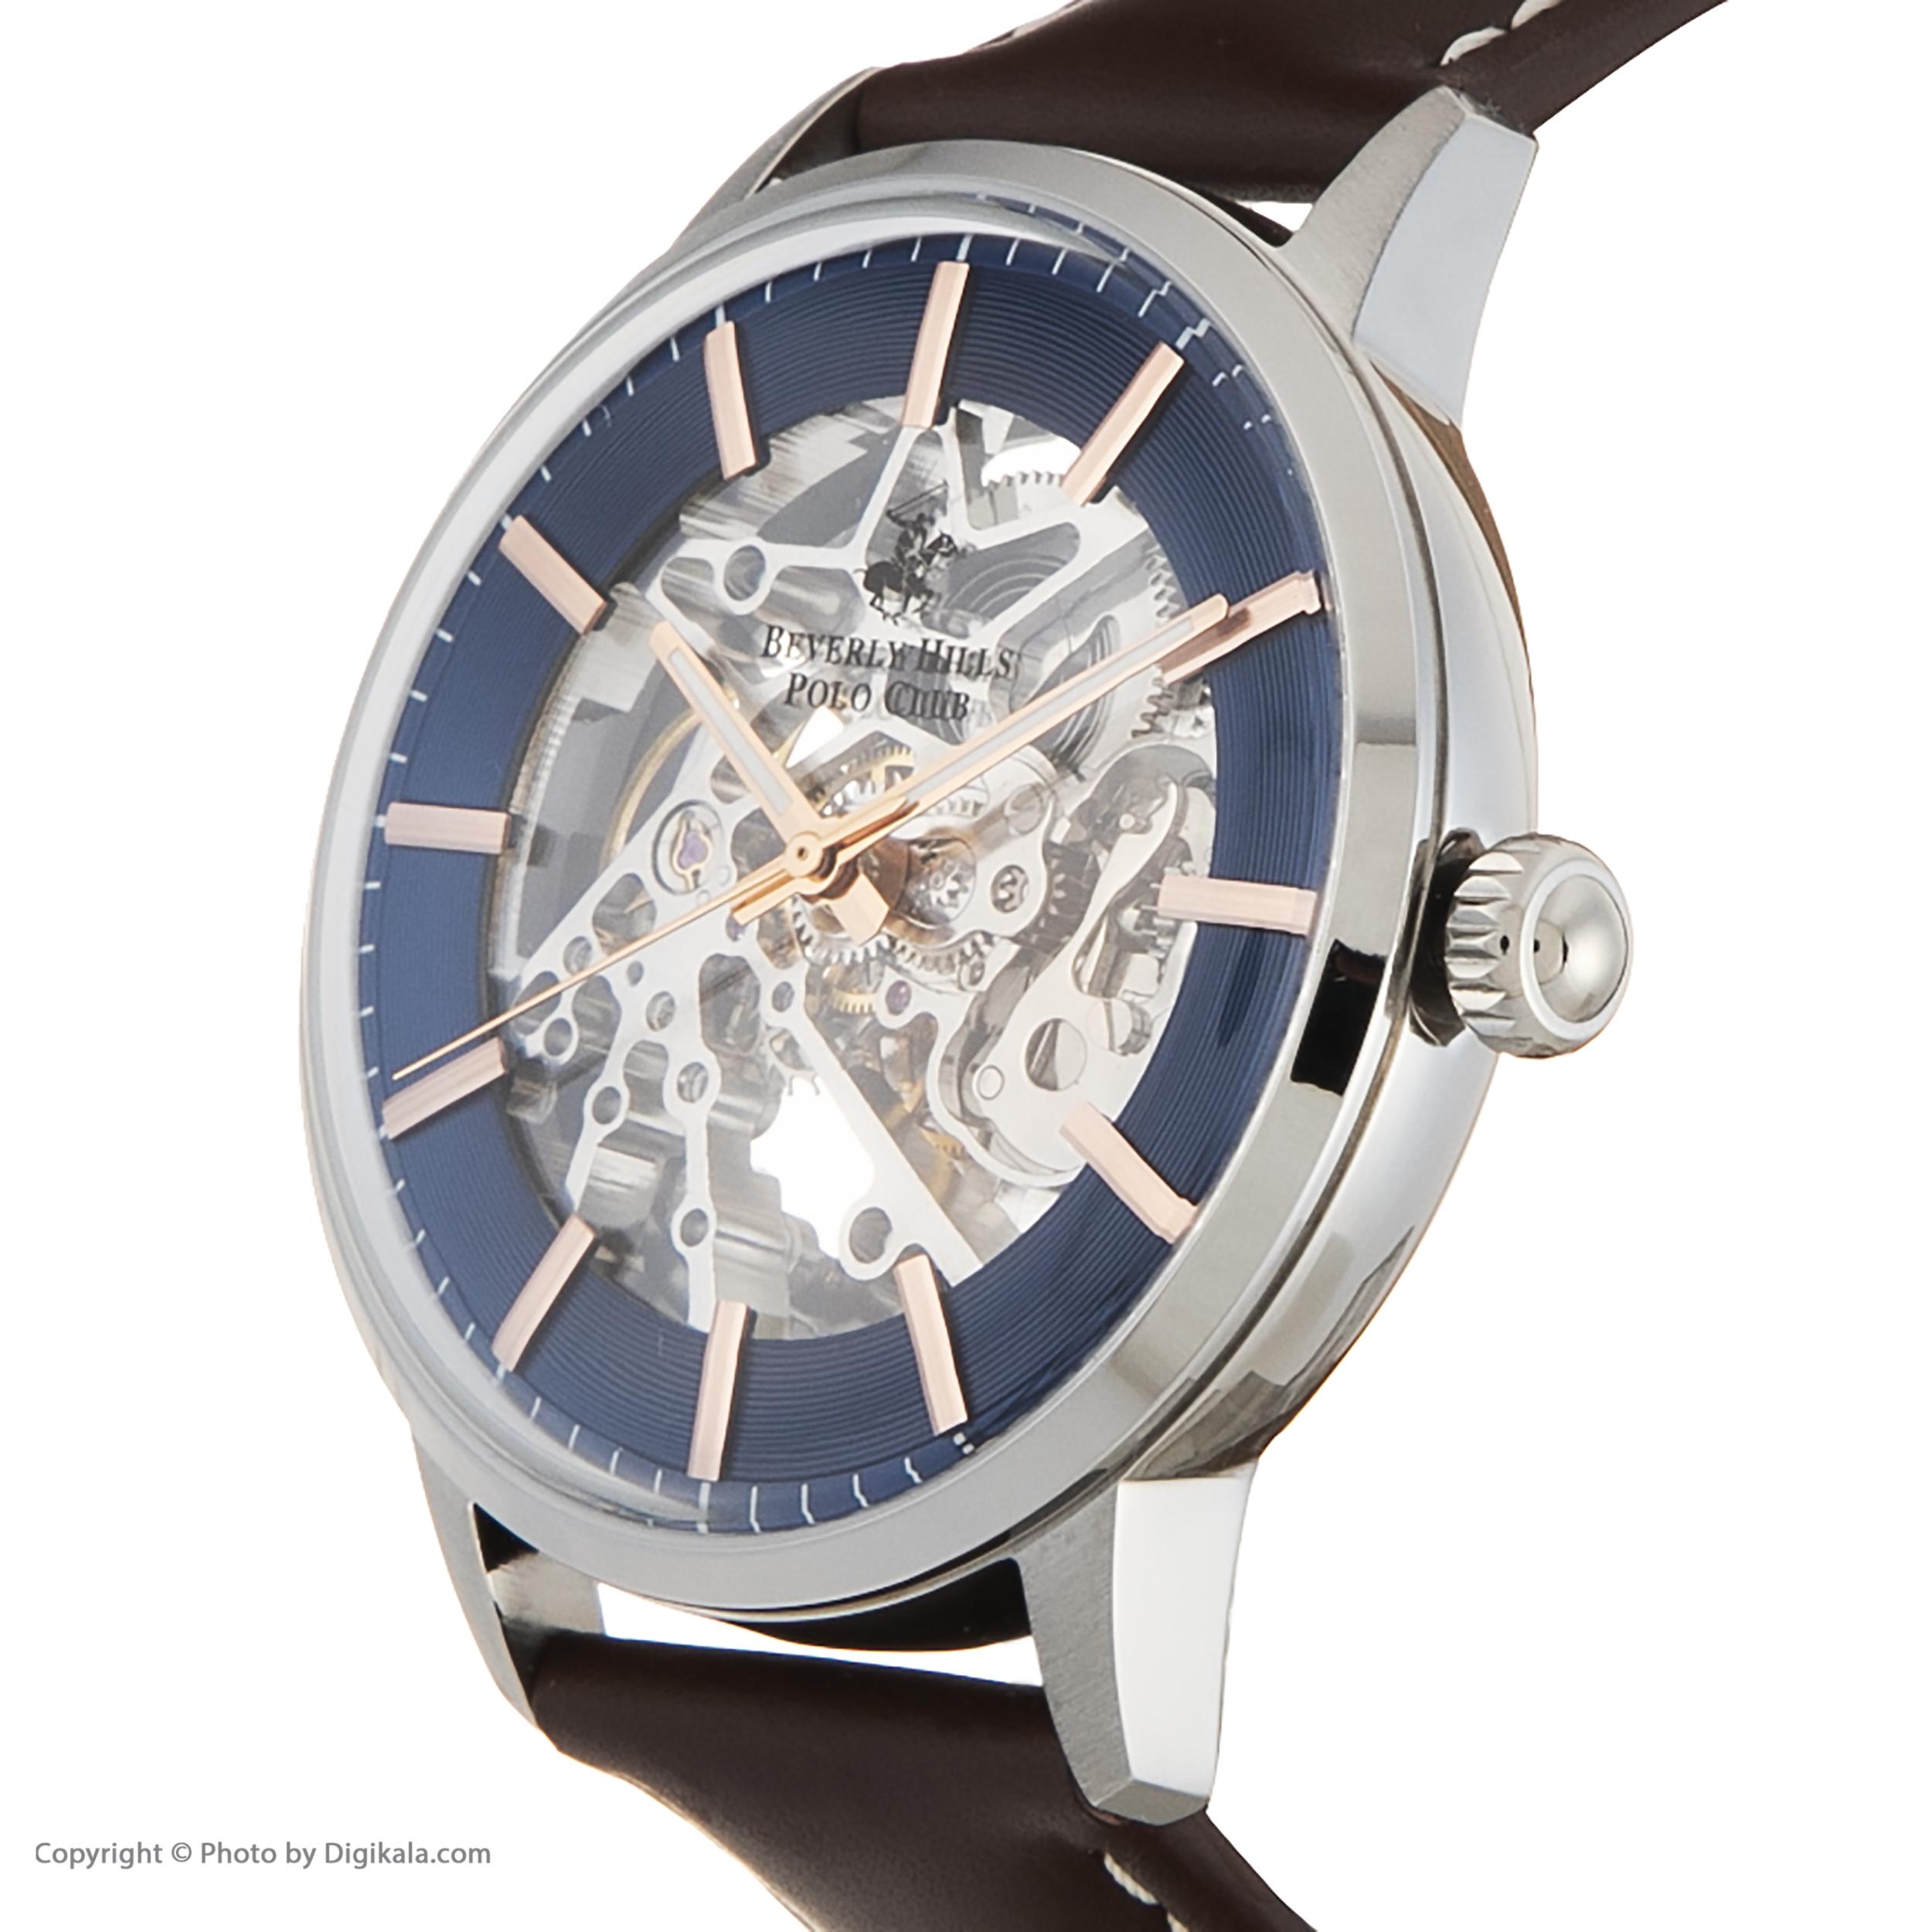 ساعت مچی عقربهای مردانه بورلی هیلز پولو کلاب مدل BP3054X.392